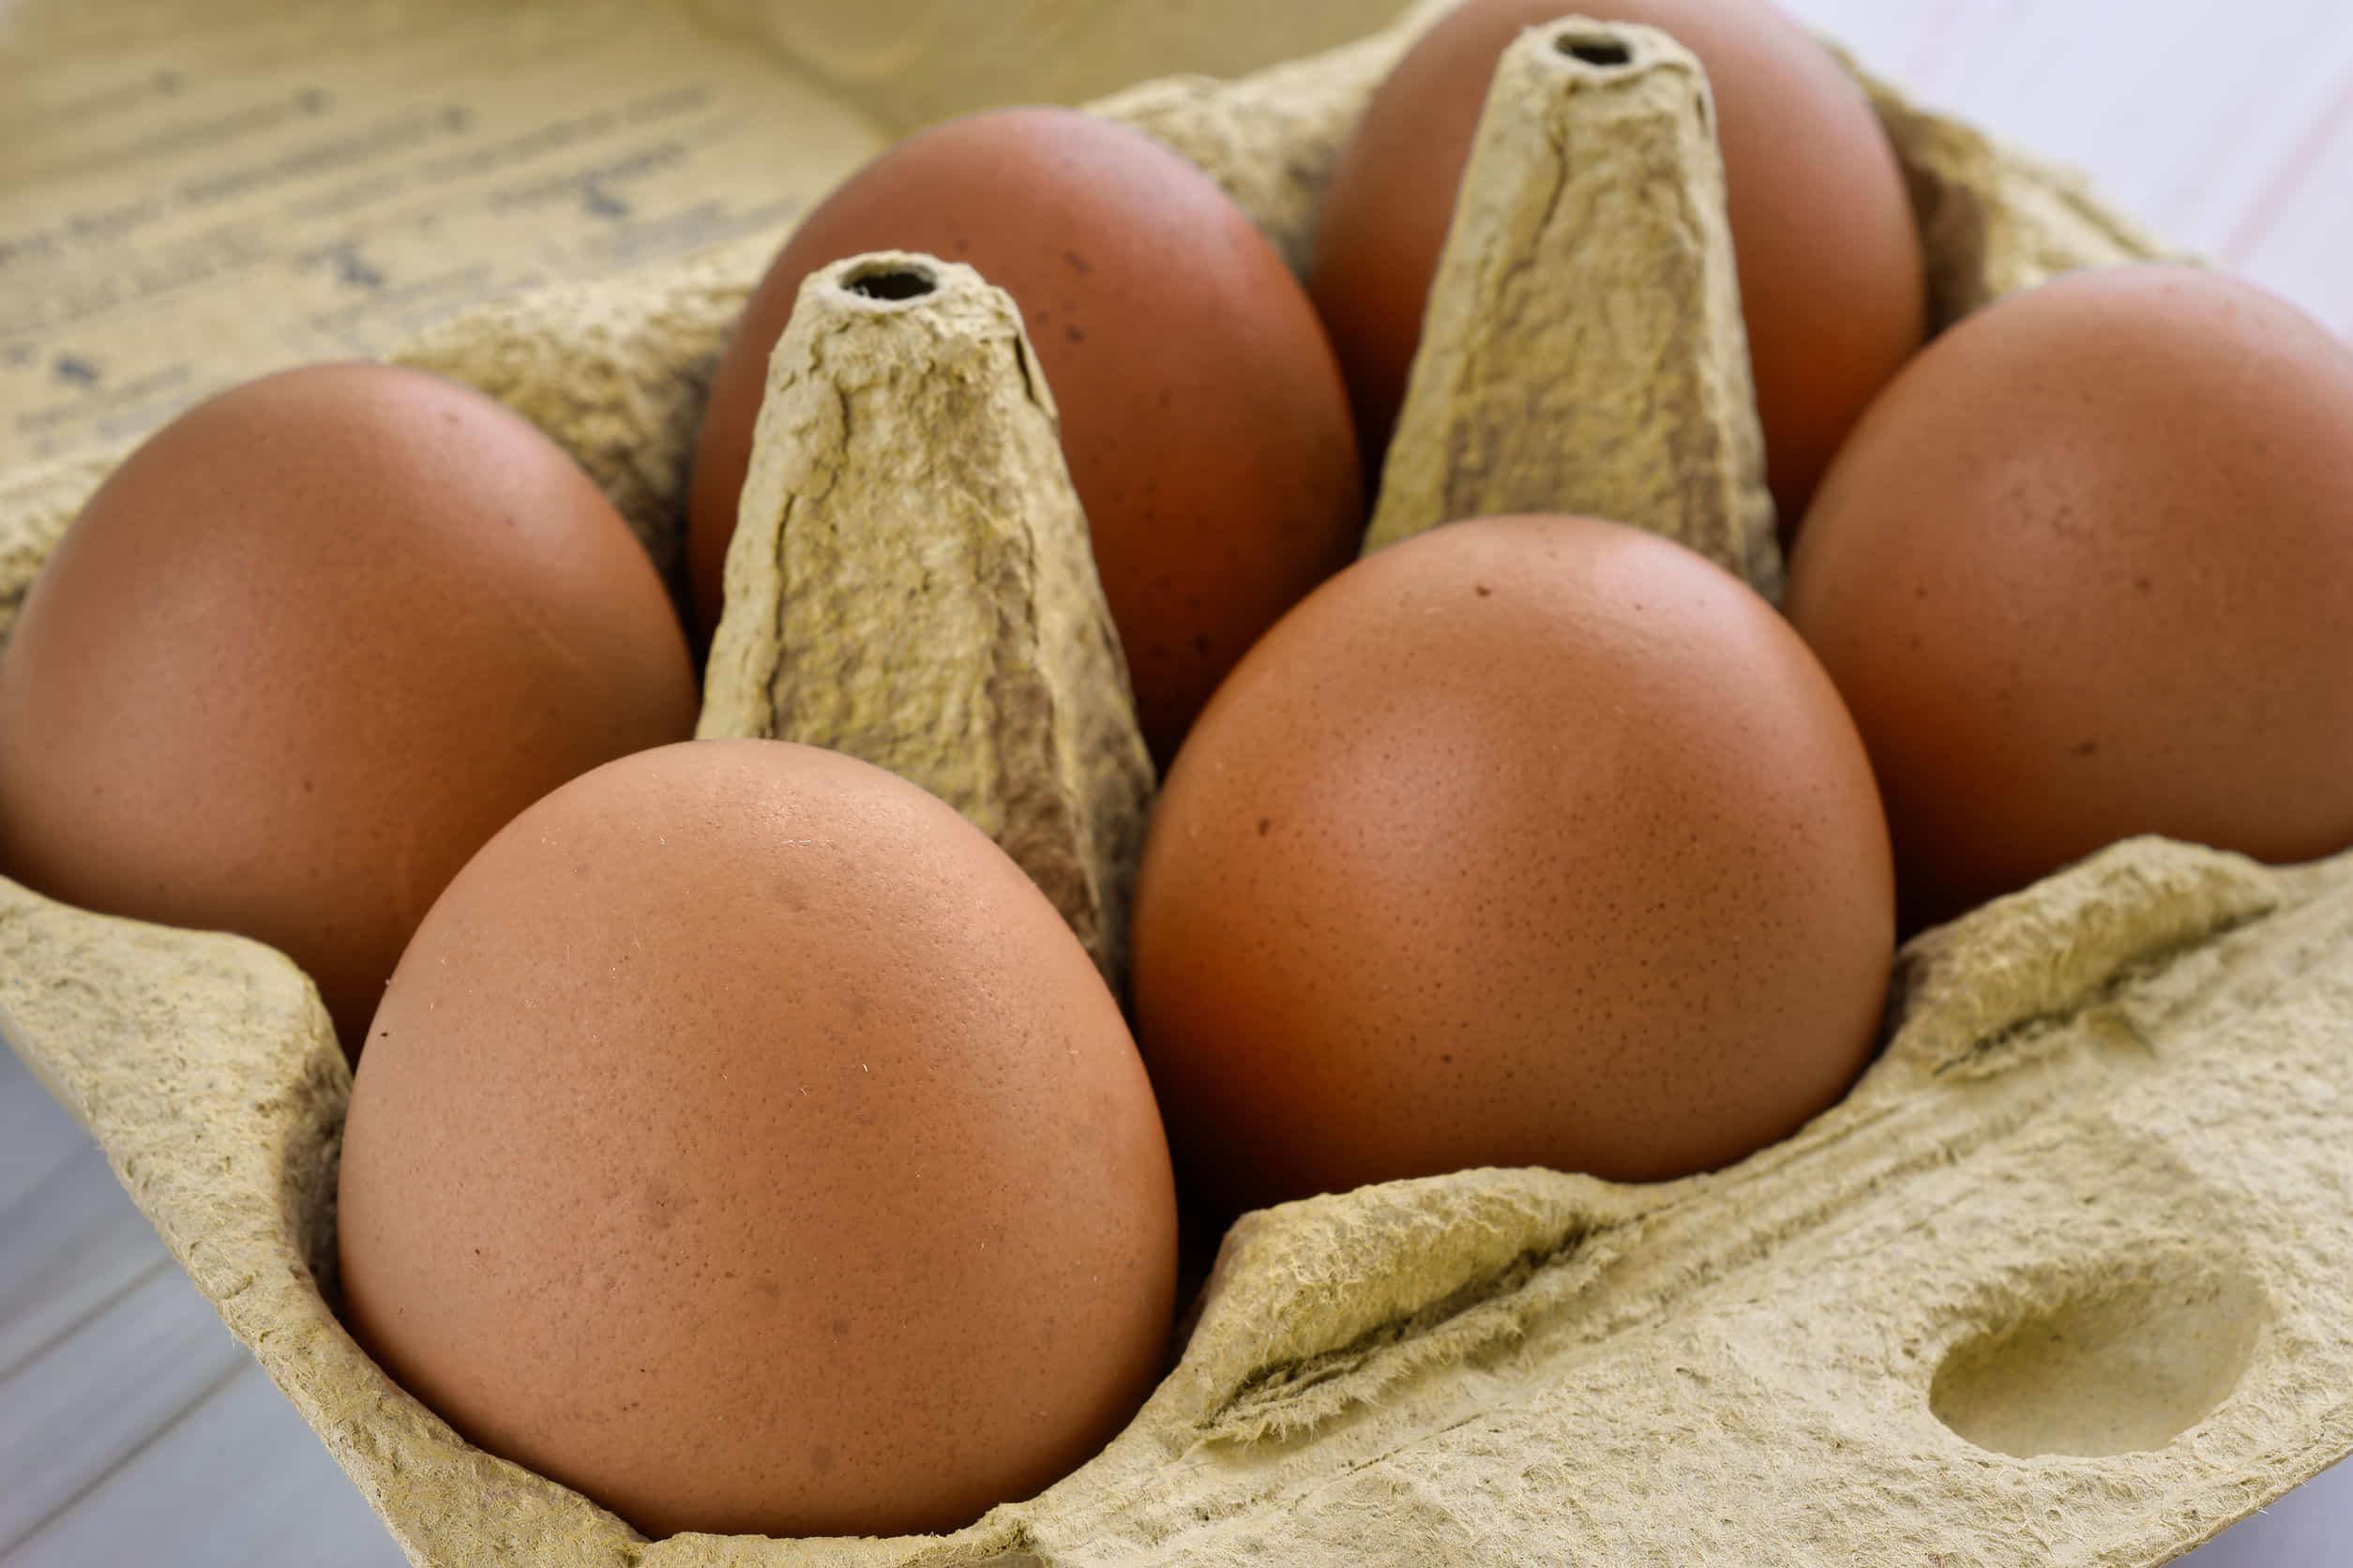 ハムスターへの卵の与え方や注意点を紹介!白身や黄身・生や茹での違いは?